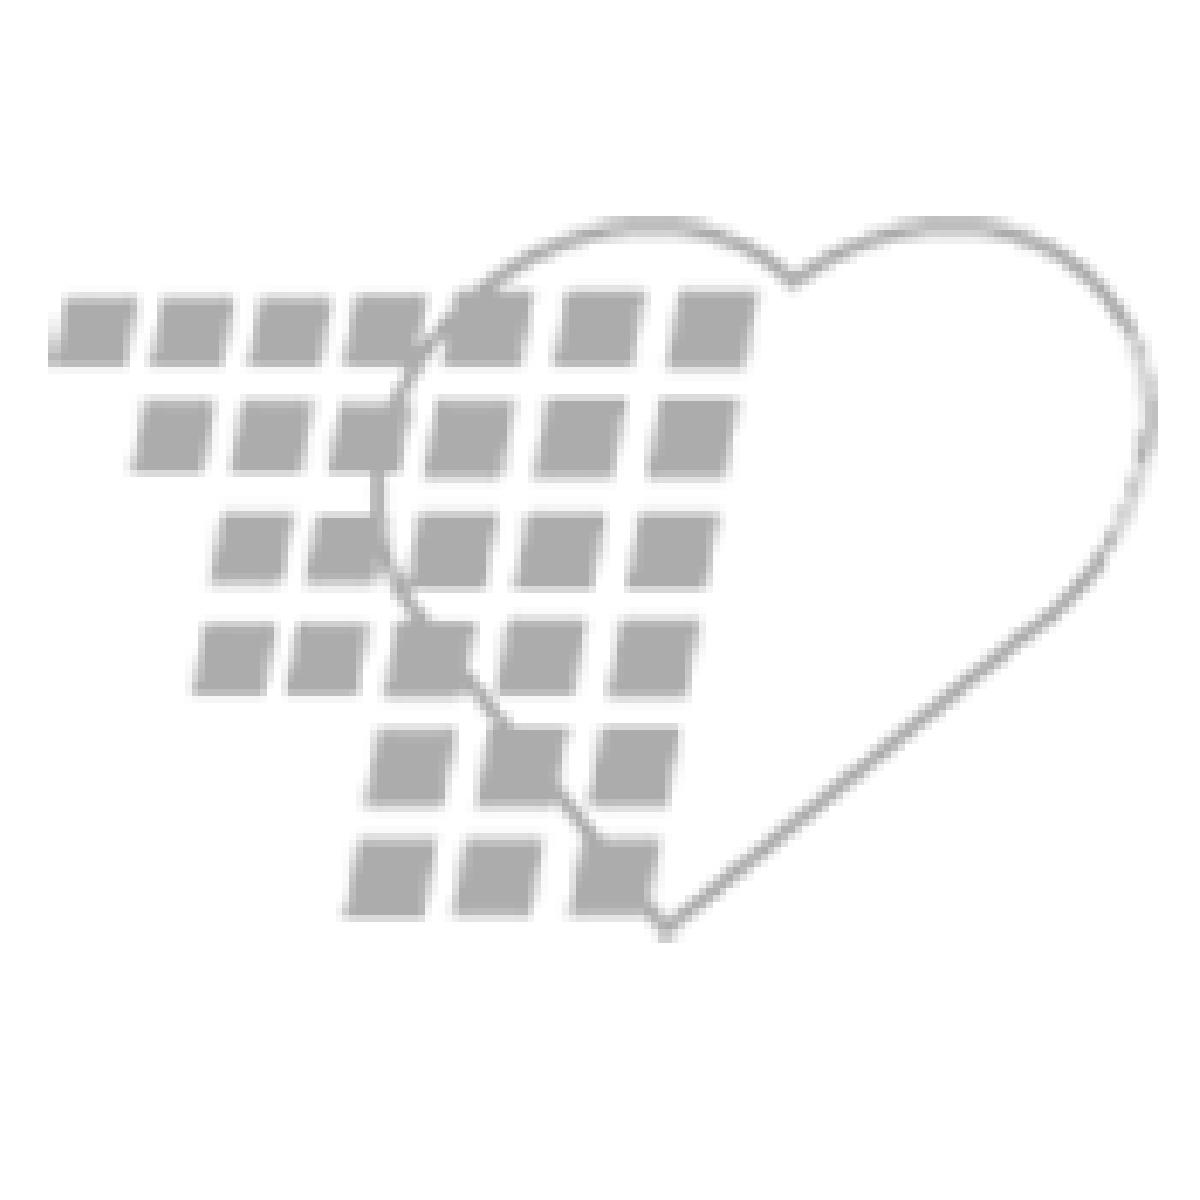 06-93-0741 Demo Dose® Acetaminophn 325mg, OxyCODON, 5mg (Percoct)